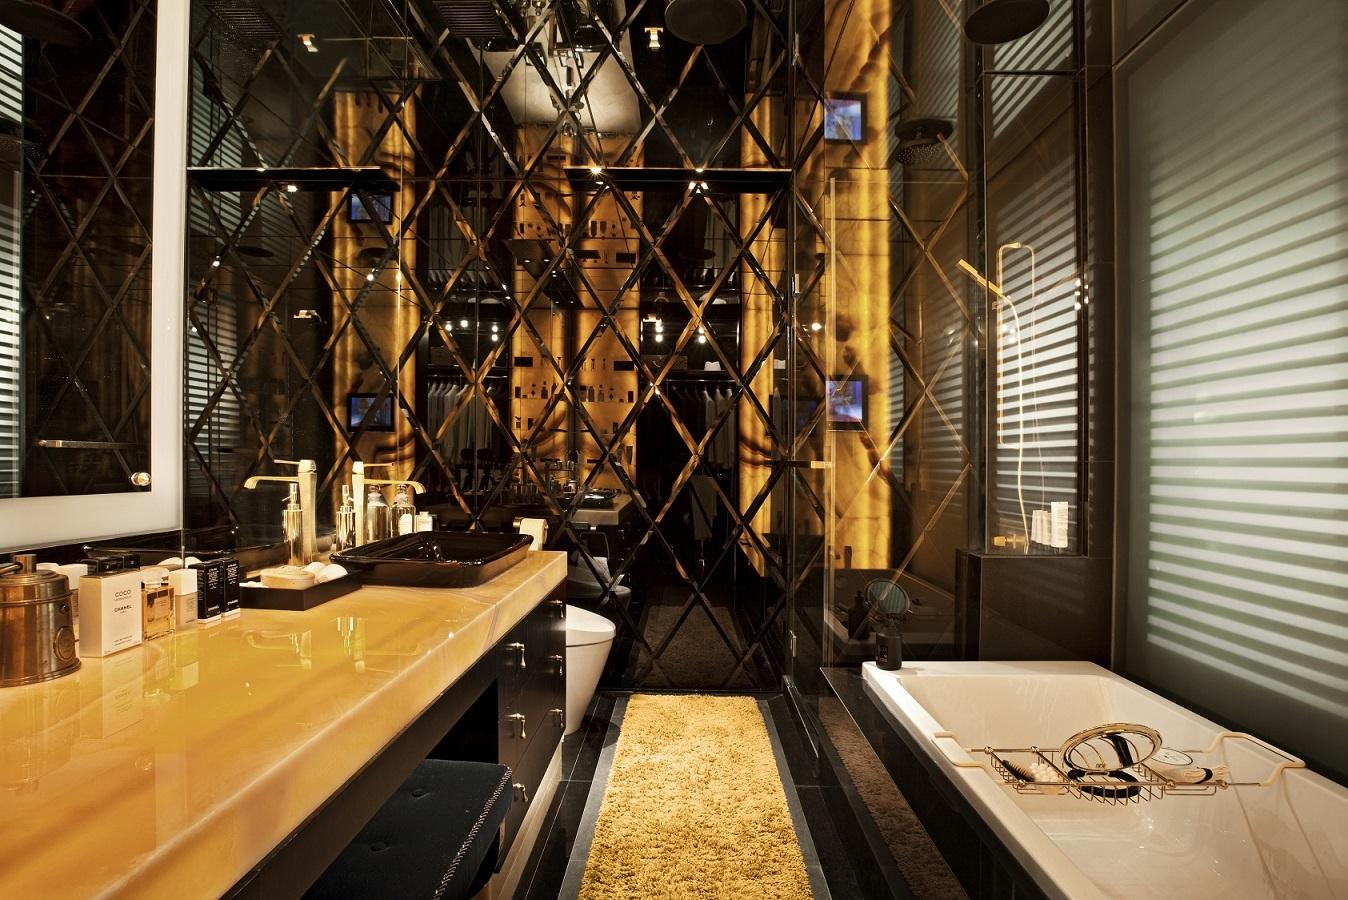 主浴室的设计让人感觉像一个琥珀洞穴,被发光的石头照亮。(图片来源: Kri:eit Associates)